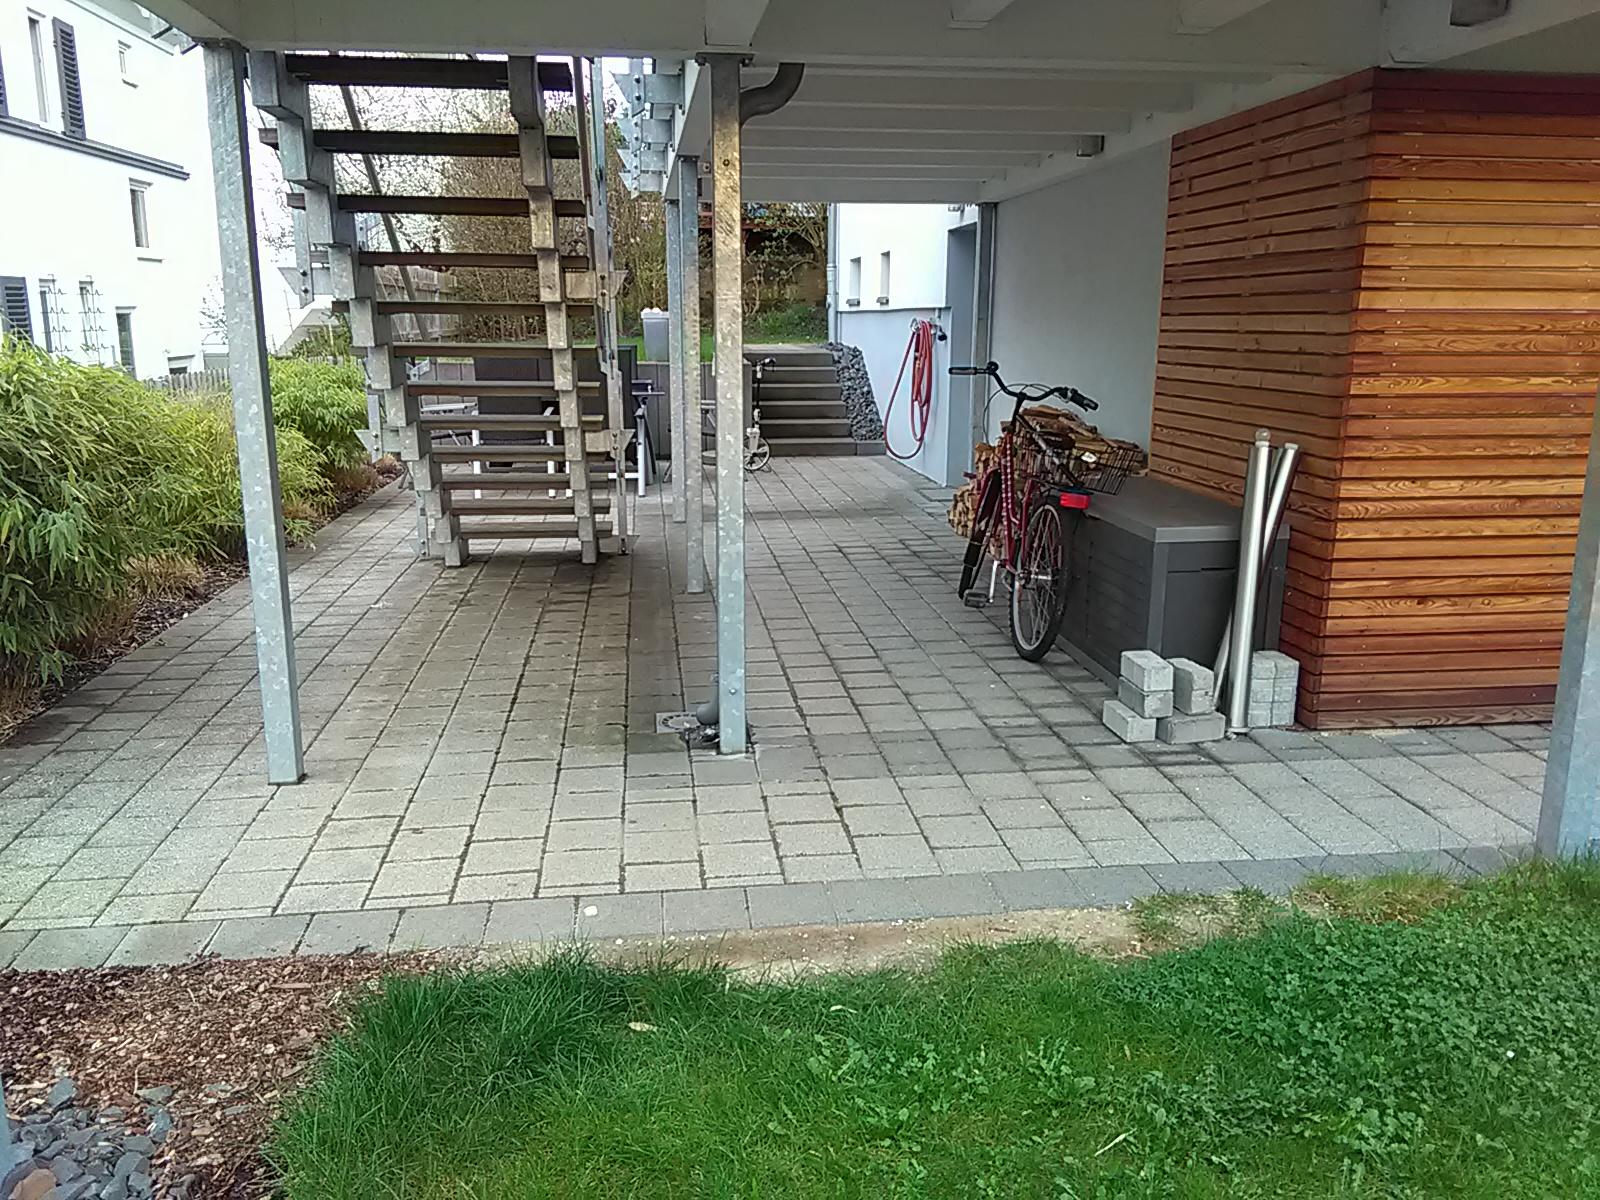 Besonders unter der Treppe, die zum Balkon führt, sind die Pflastersteine auf dem überdachten Sitz- und Lagerbereich im Garten stark verschmutzt.